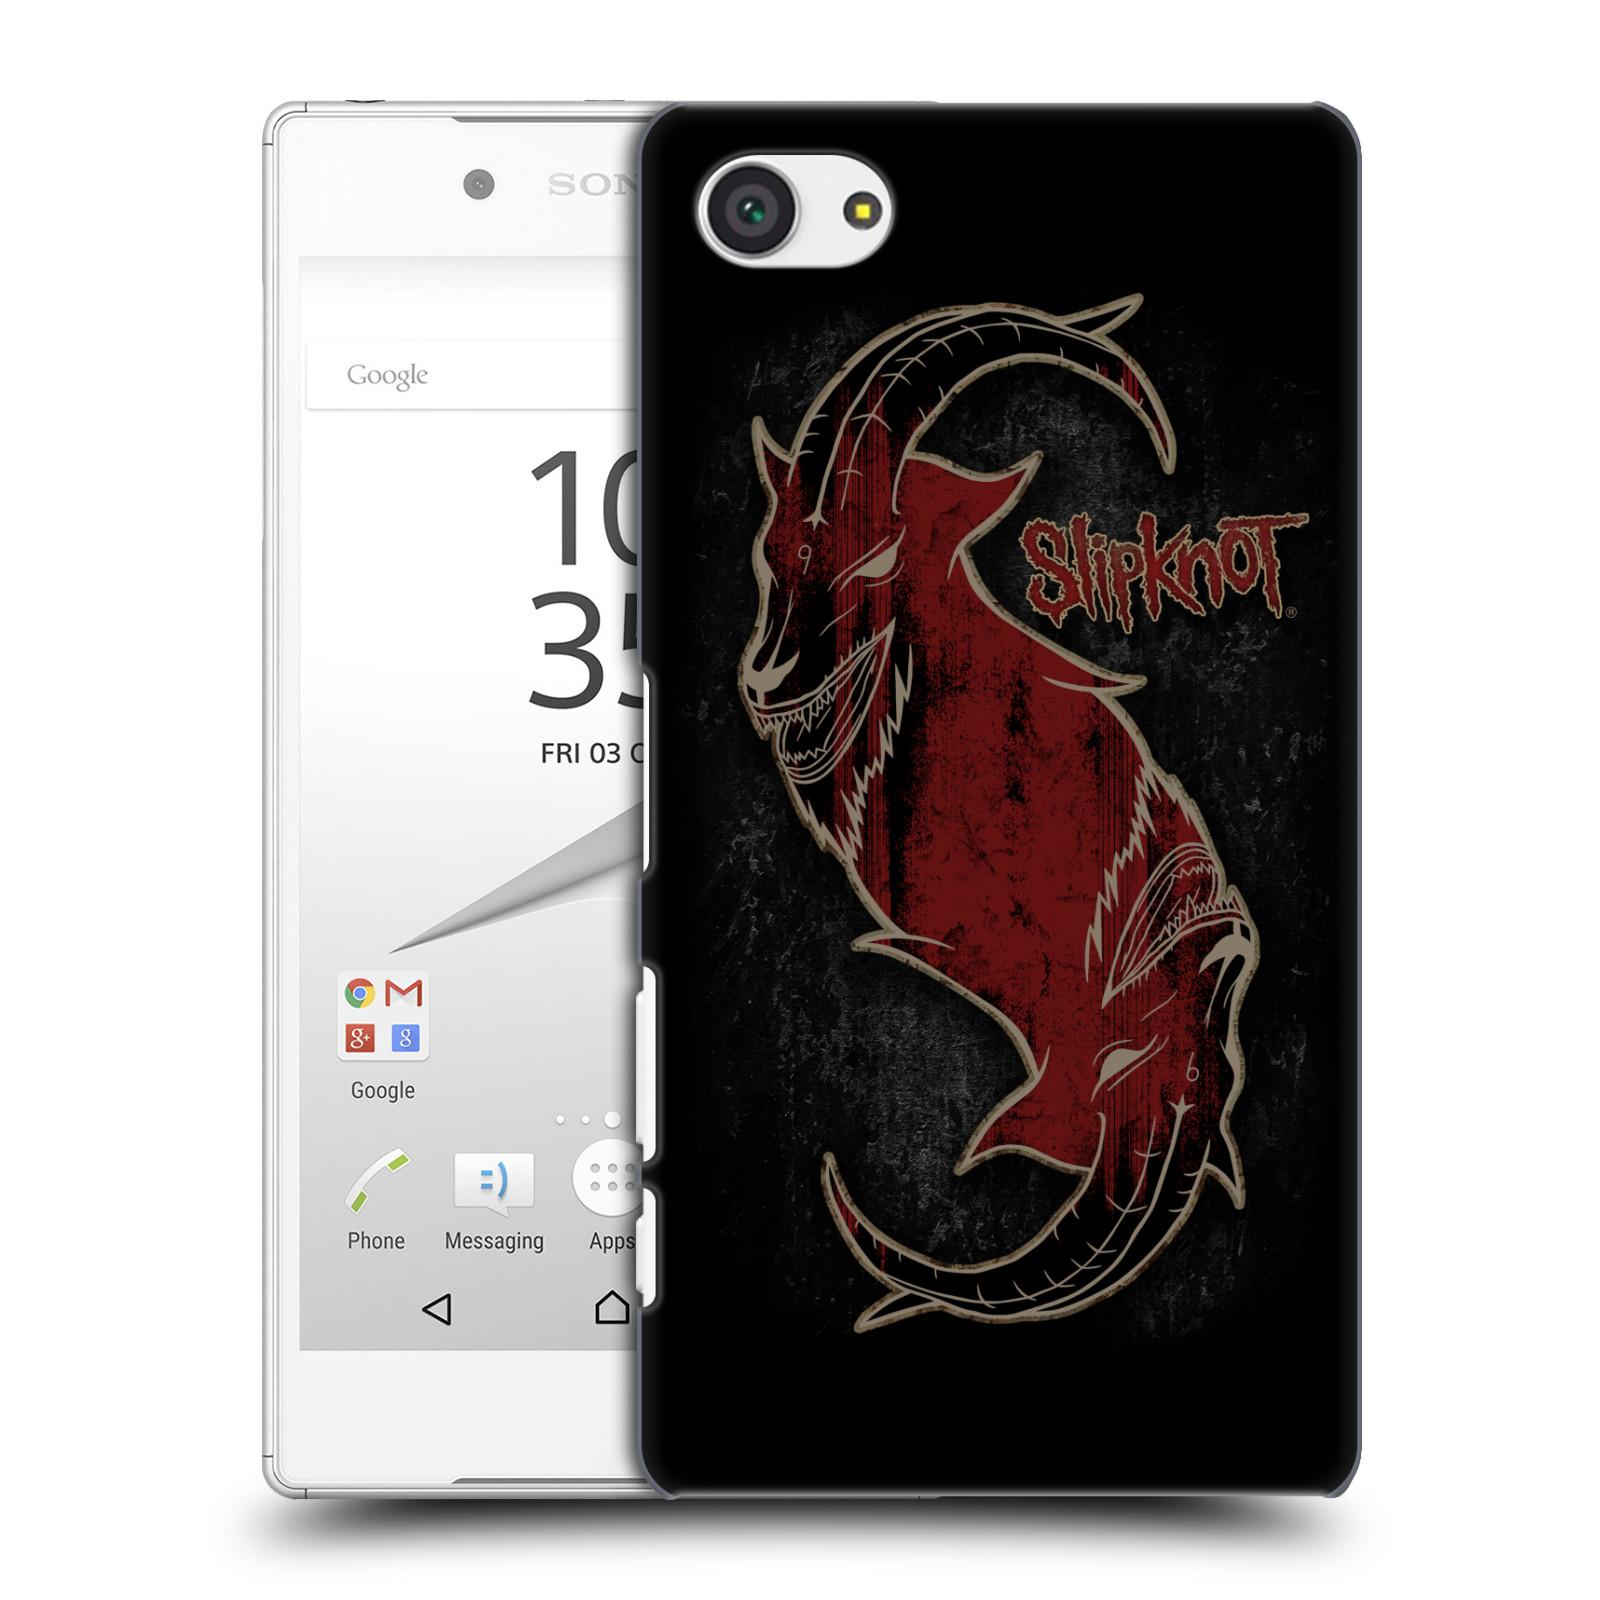 Plastové pouzdro na mobil Sony Xperia Z5 Compact HEAD CASE Slipknot - Rudý kozel